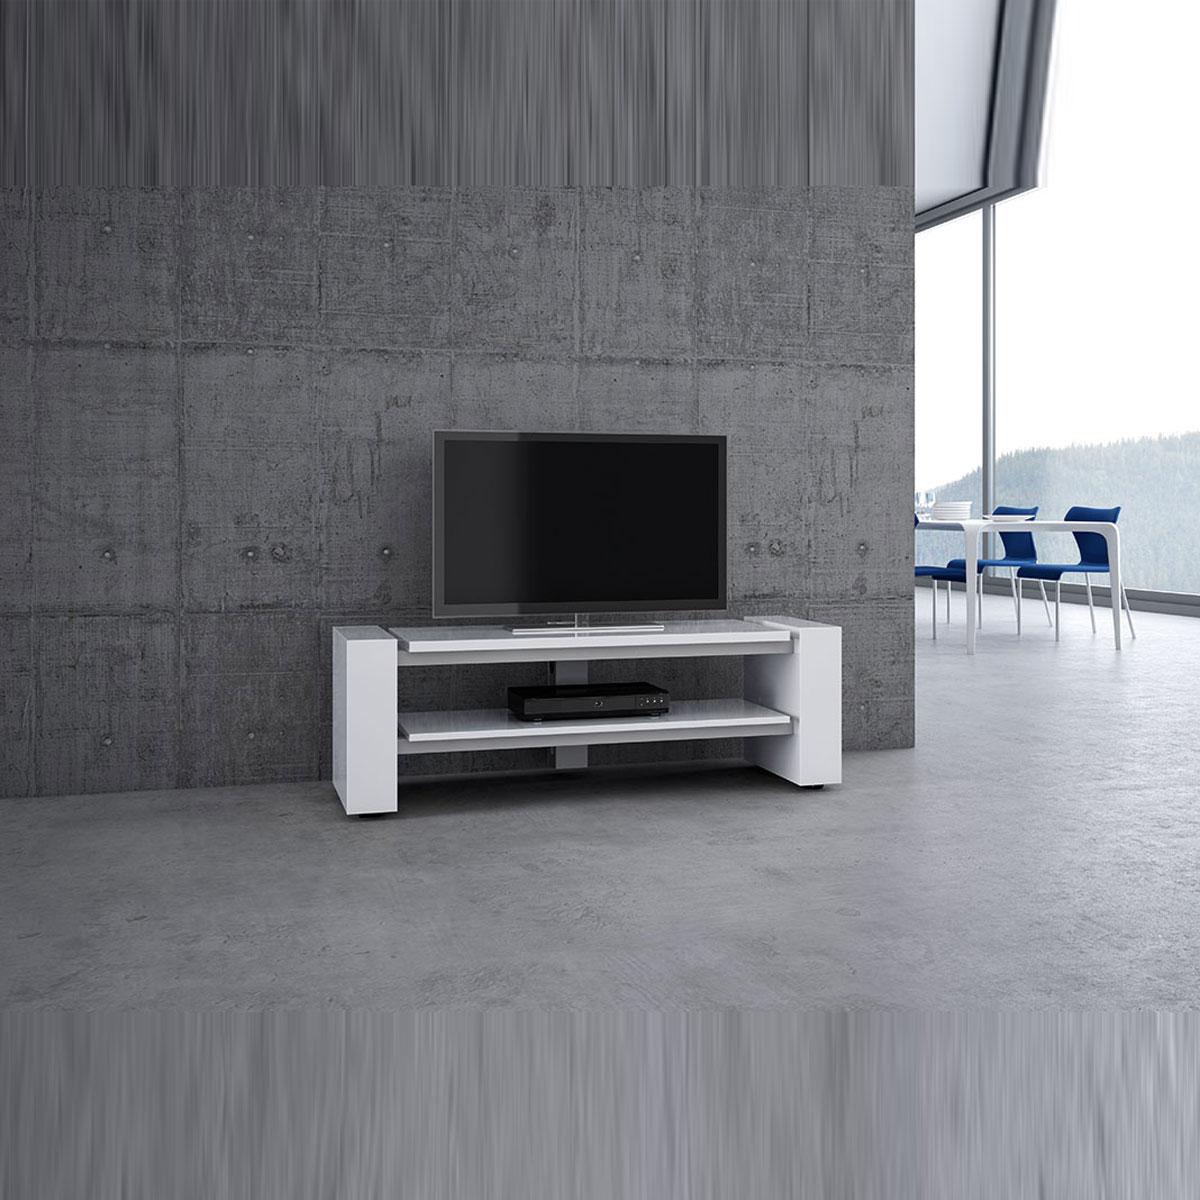 Monatsaktionsmodell. Preiswertes rollbares TV Lowboard 140x46,4x48 cm (BxHxT). Aktionsmodell X Linie 1400 offen von Schnepel.